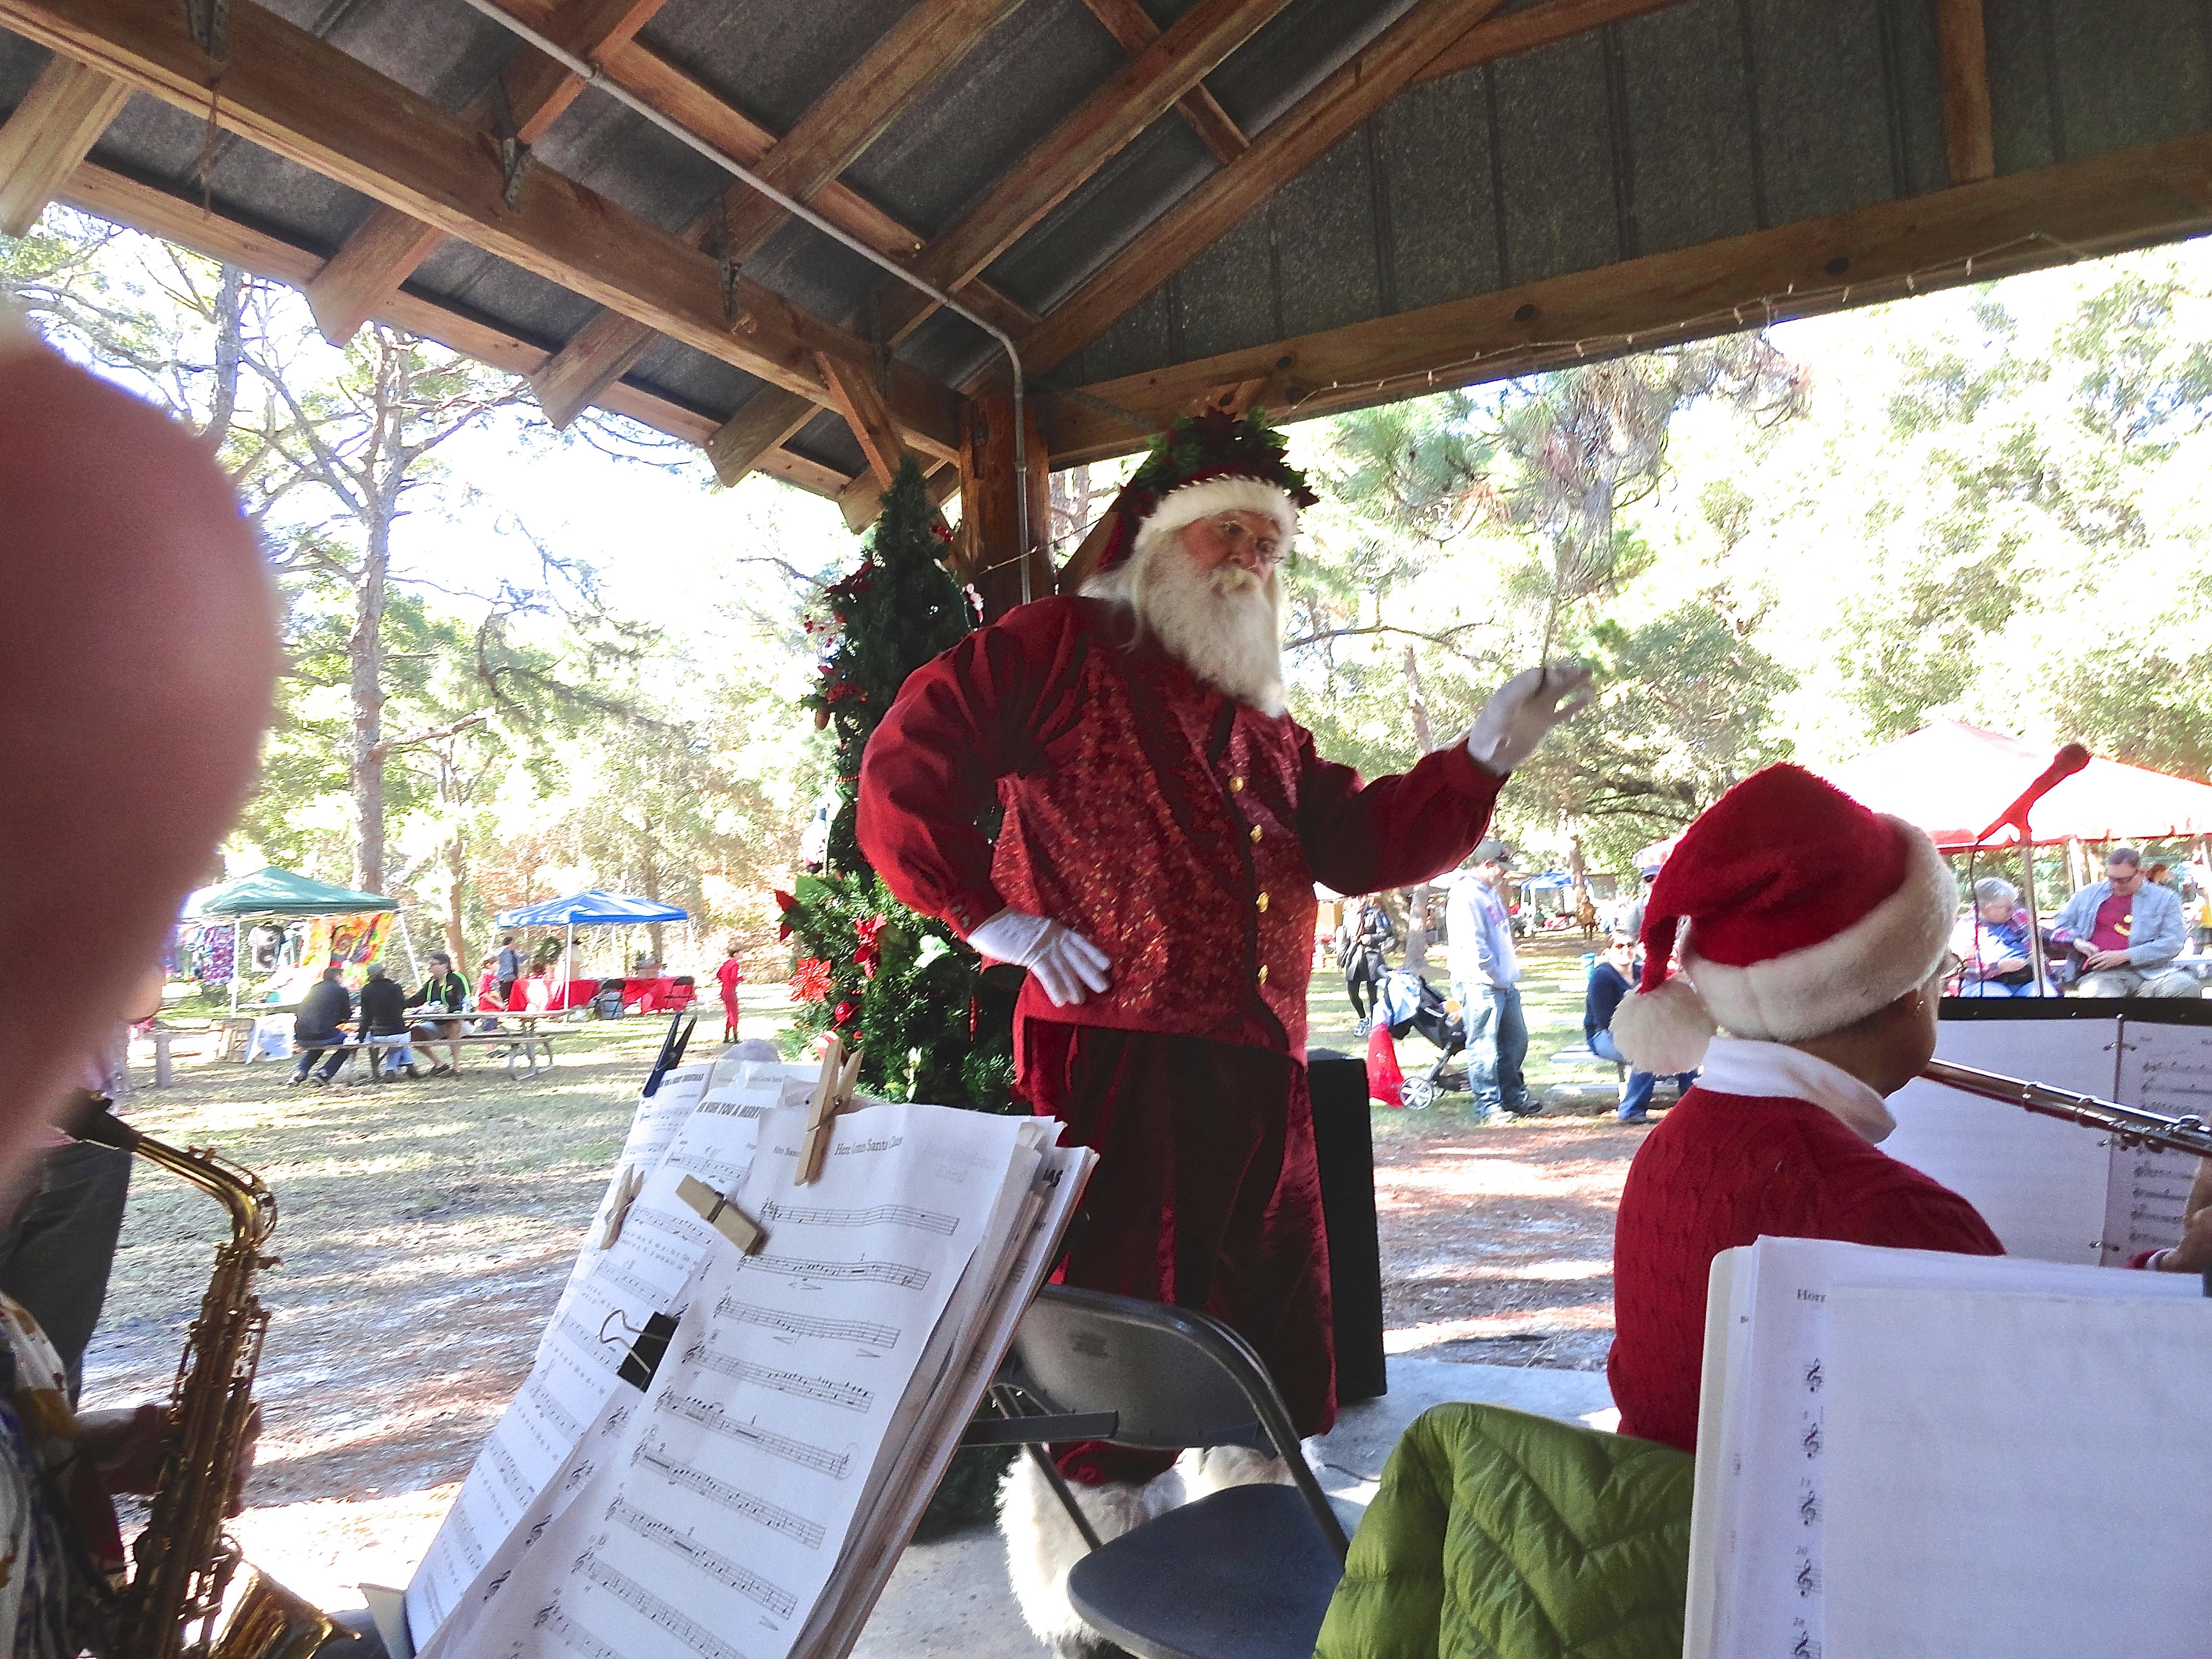 Santa with band